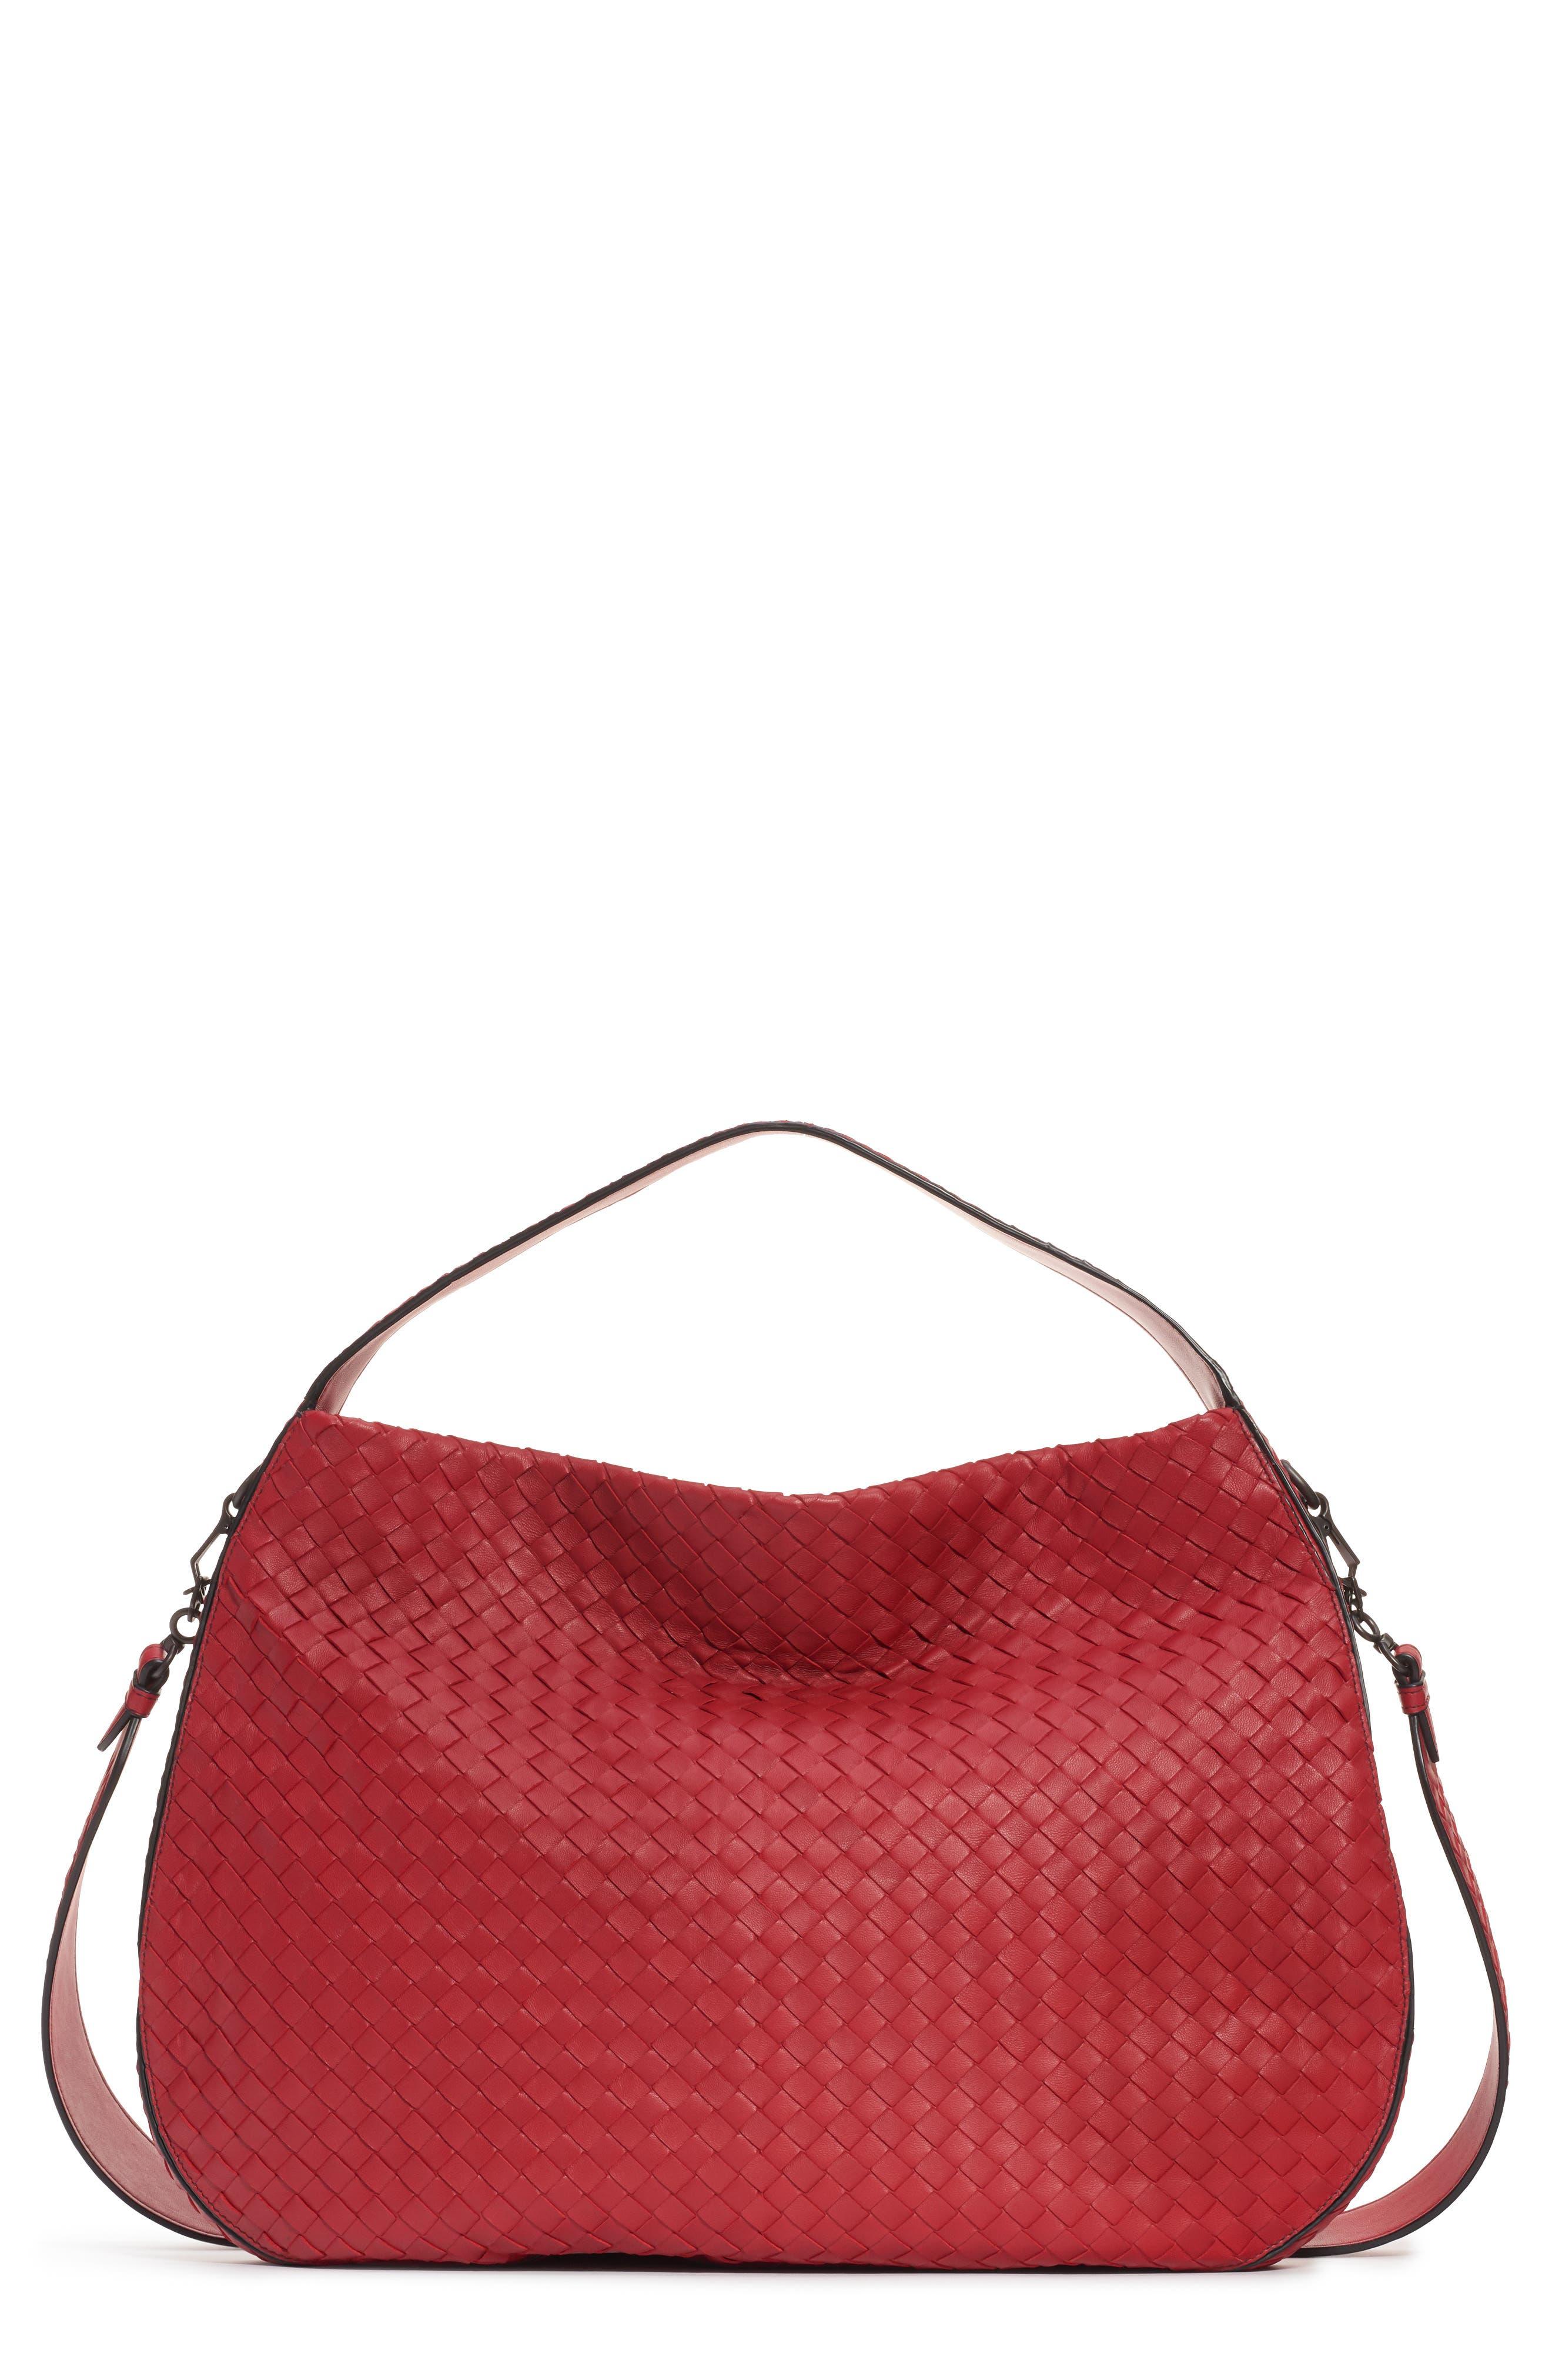 BOTTEGA VENETA City Veneta Shoulder Bag, Main, color, BACCARA RED-NERO/ BRUNITO